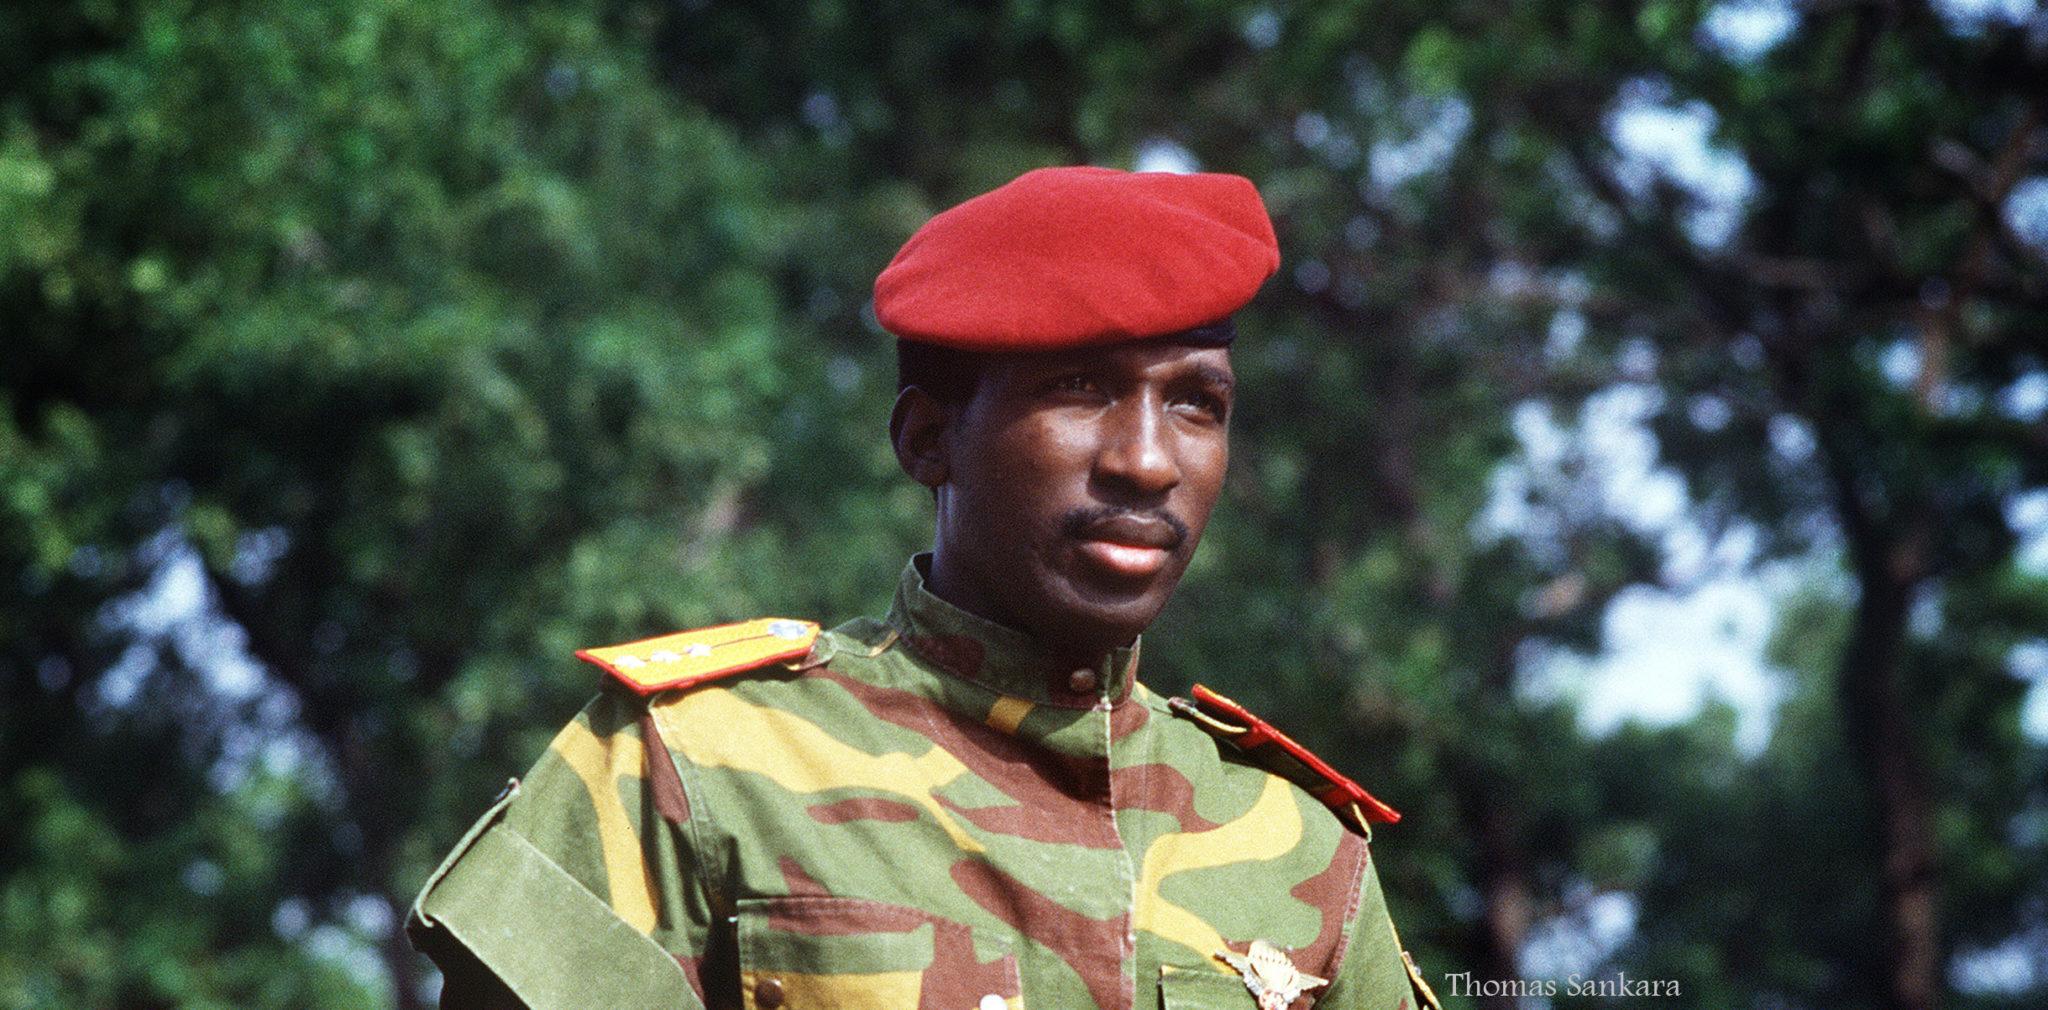 """Burkina Faso, Il 4 Agosto Del 1984 Nasceva La  """"terra Degli Uomini Integri"""""""